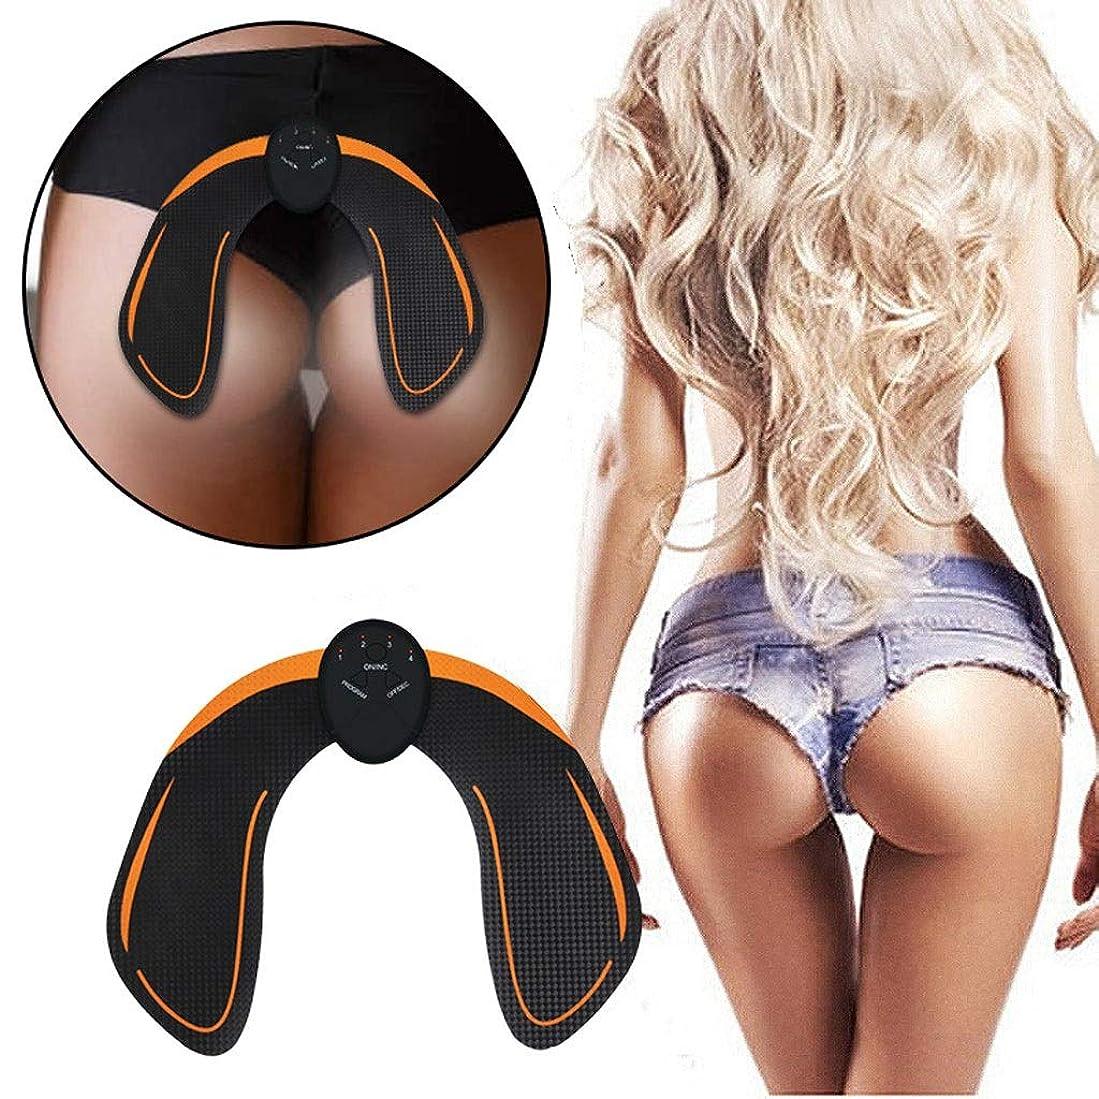 マングルタフ接続電気ヒップフィットネス機器EMS振動美しいヒップ楽器痩身マシンヒップ整形ヒップマッサージ美容機 (Size : Battery orange)